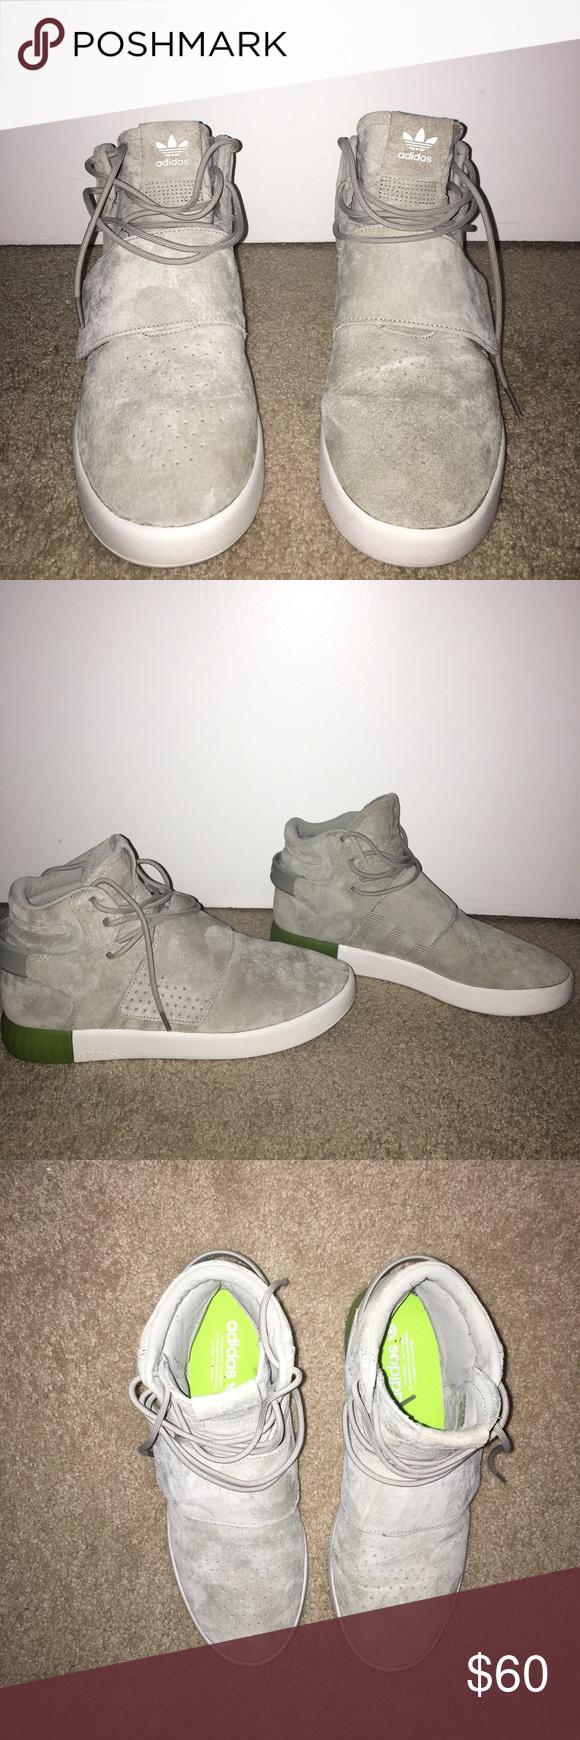 Adidas tubular invasor Adidas, Adidas zapatos y calzado zapatillas